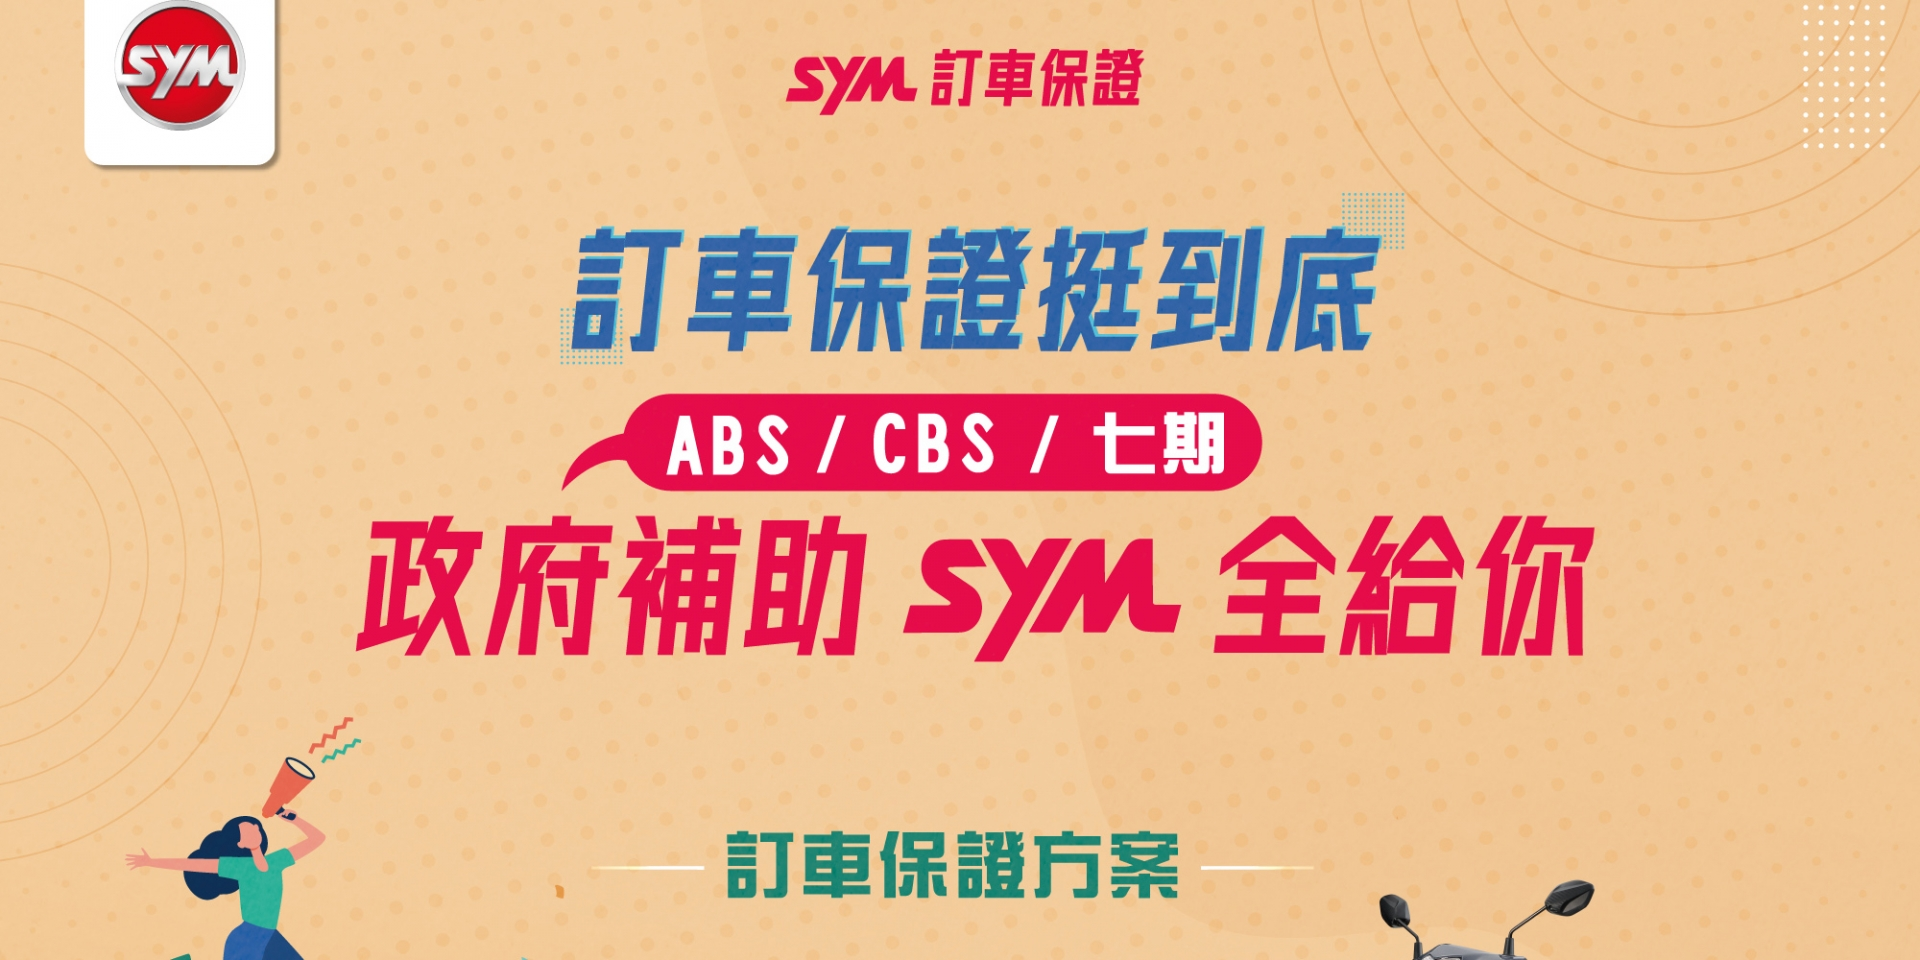 官方新聞稿。訂車保證挺到底 ABS/CBS/七期政府補助SYM全給你